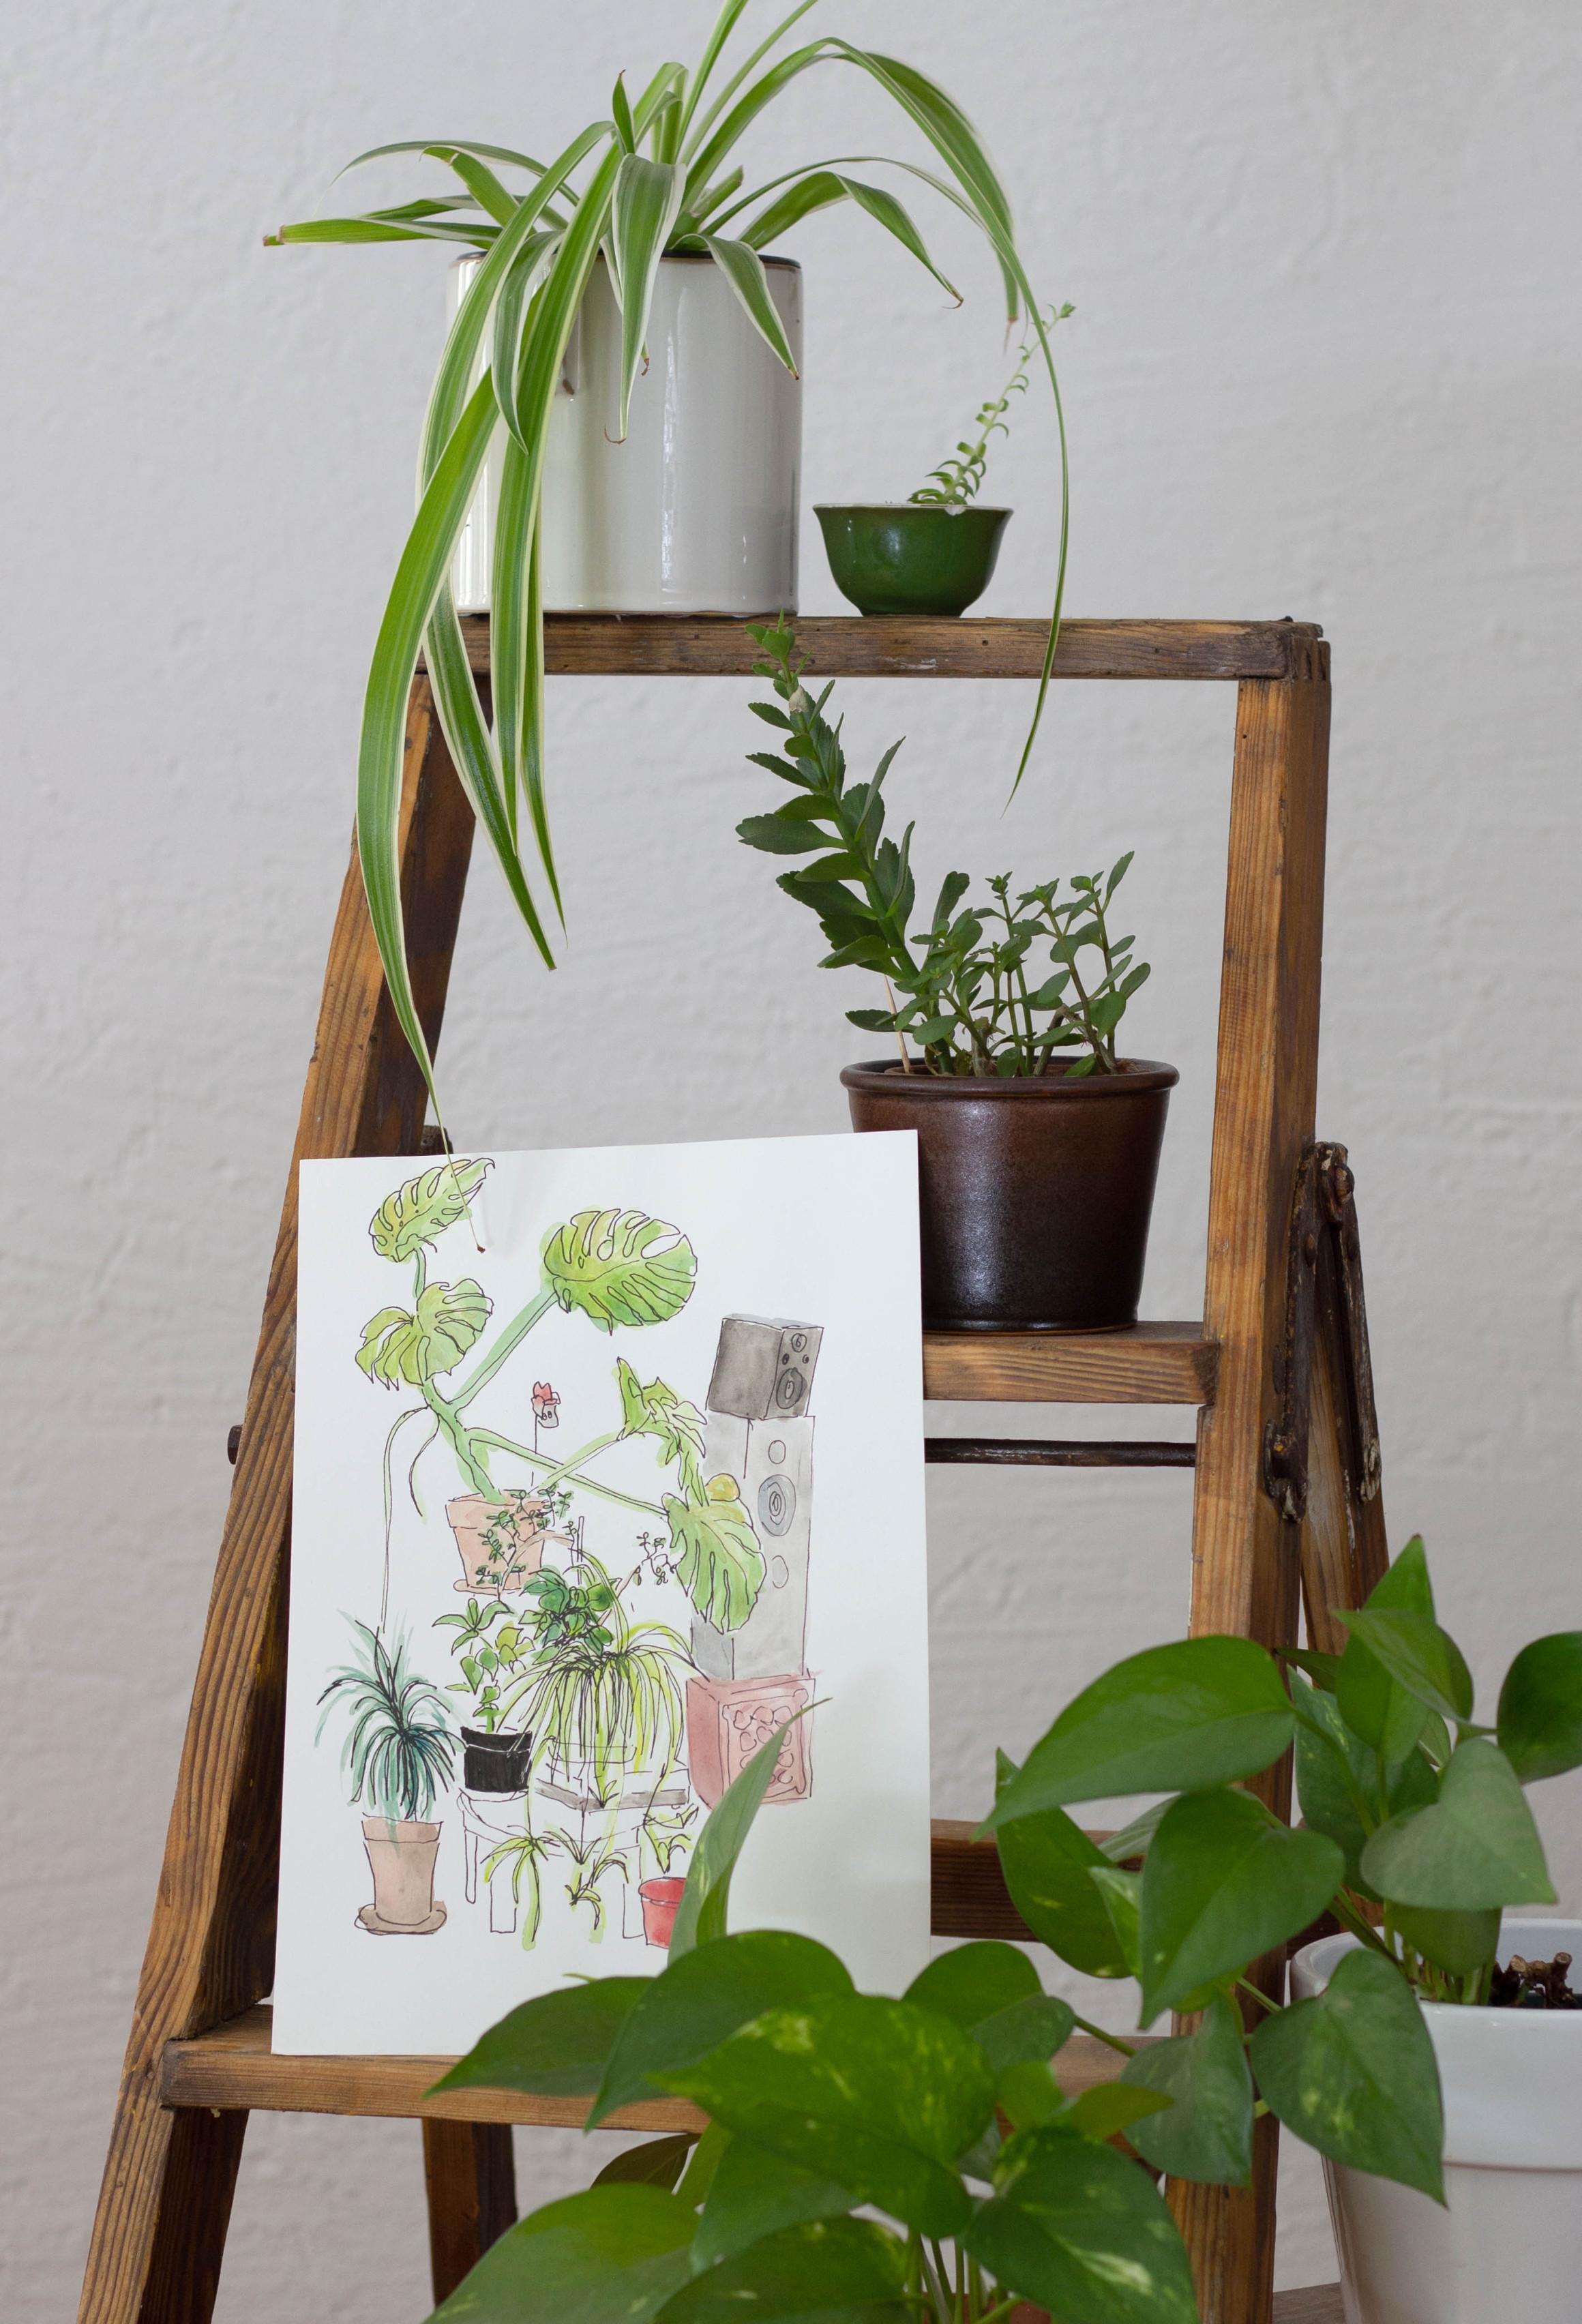 Foto einer Zeichnung von Zimmerpflanzen. Daneben mehrere echte Pflanzen in Töpfen.